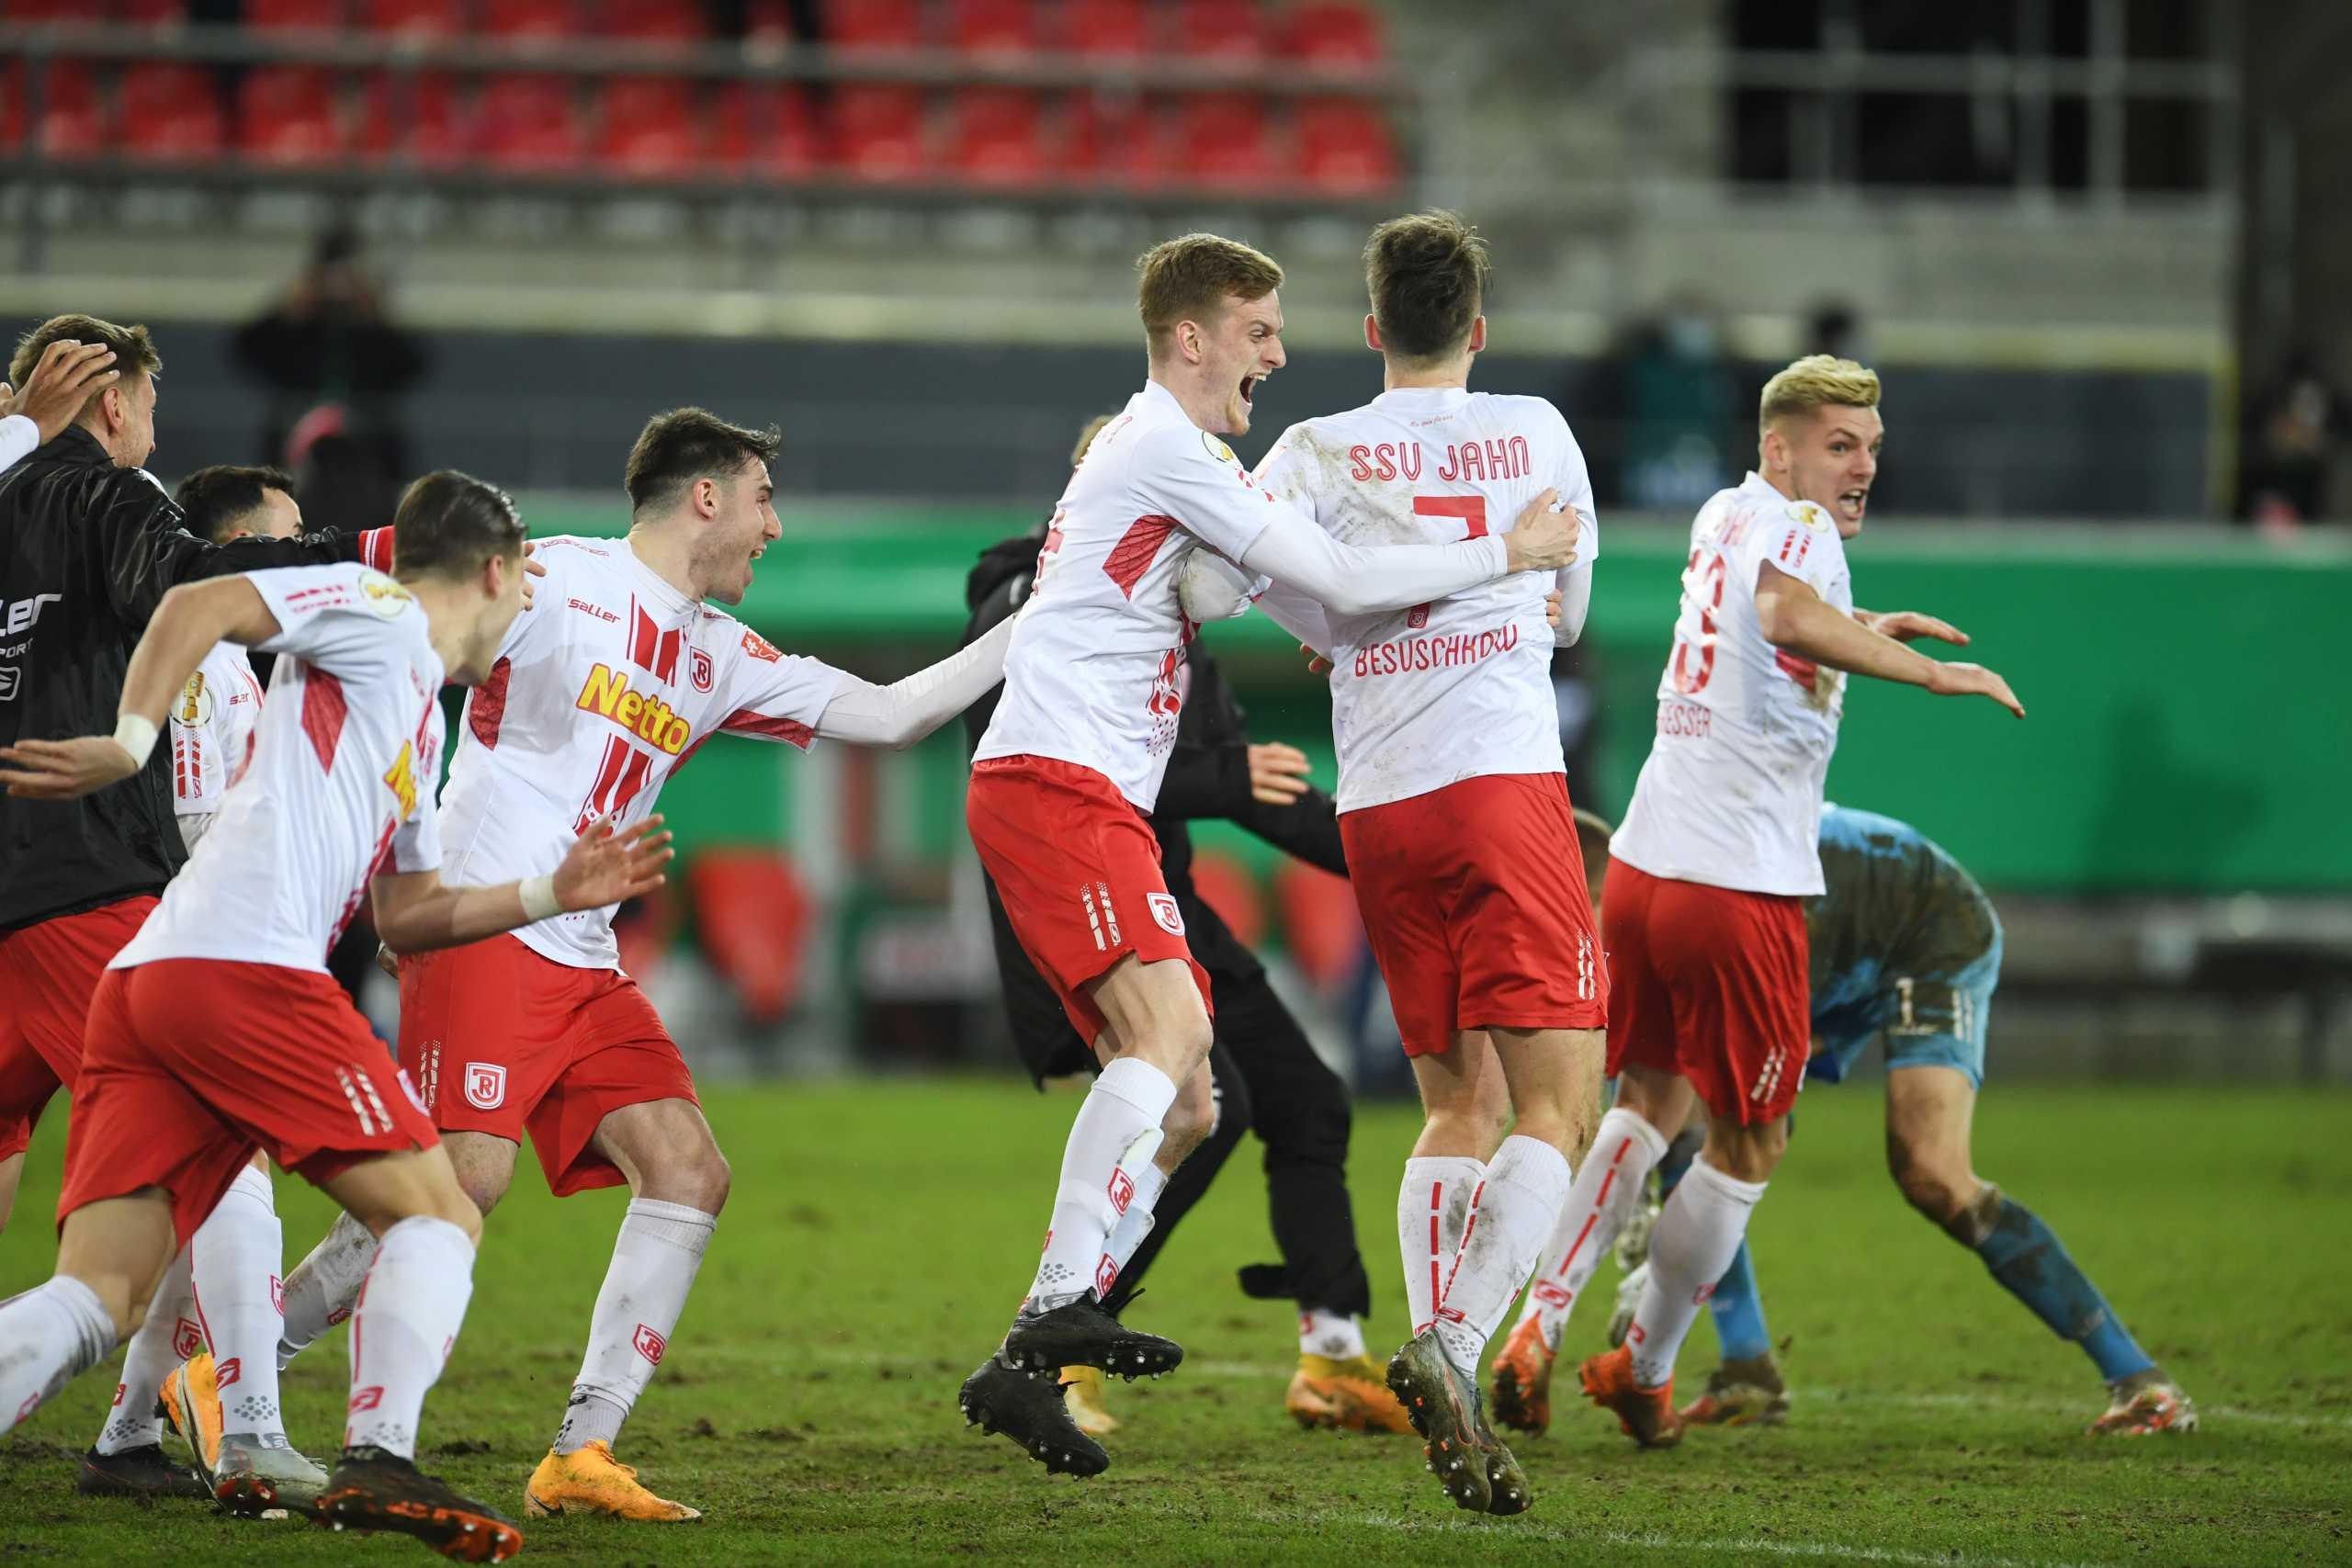 Κύπελλο Γερμανίας: Η άσημη Ρέγκενσμπρουκ έβγαλε νοκ άουτ την Κολωνία του Λημνιού